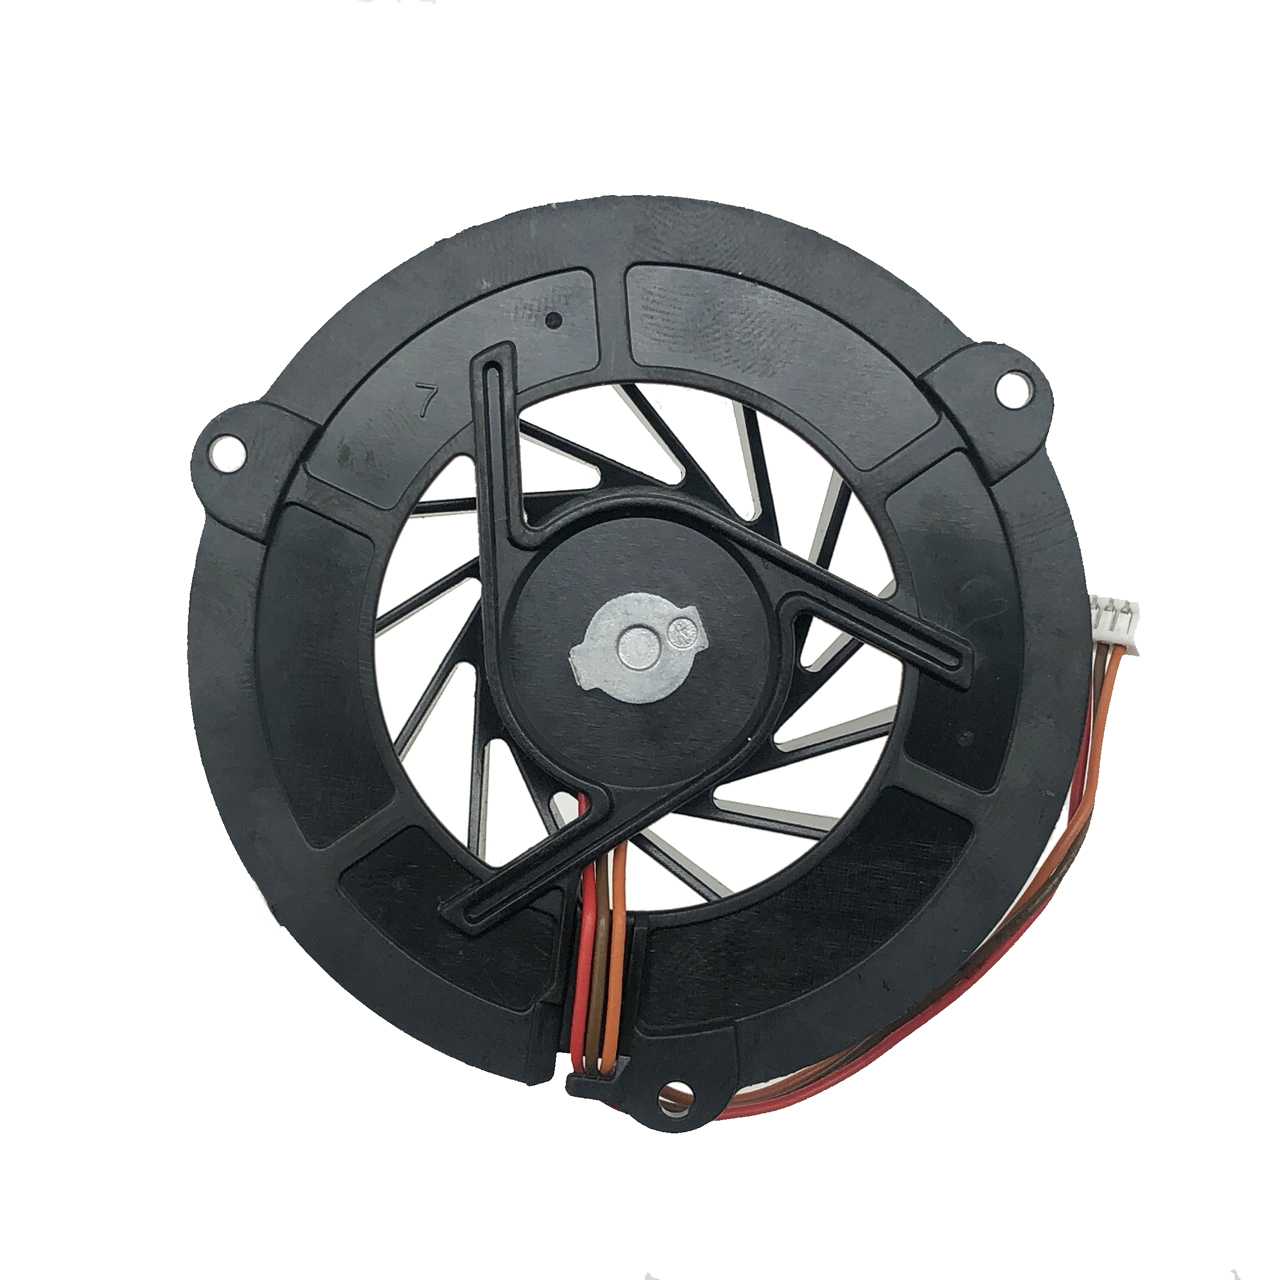 日本生产 松下Panasonic UDQF2ZH34FQU Cooling Fan DC5V 0.22A 散热风扇 SONY K13 K23 风扇